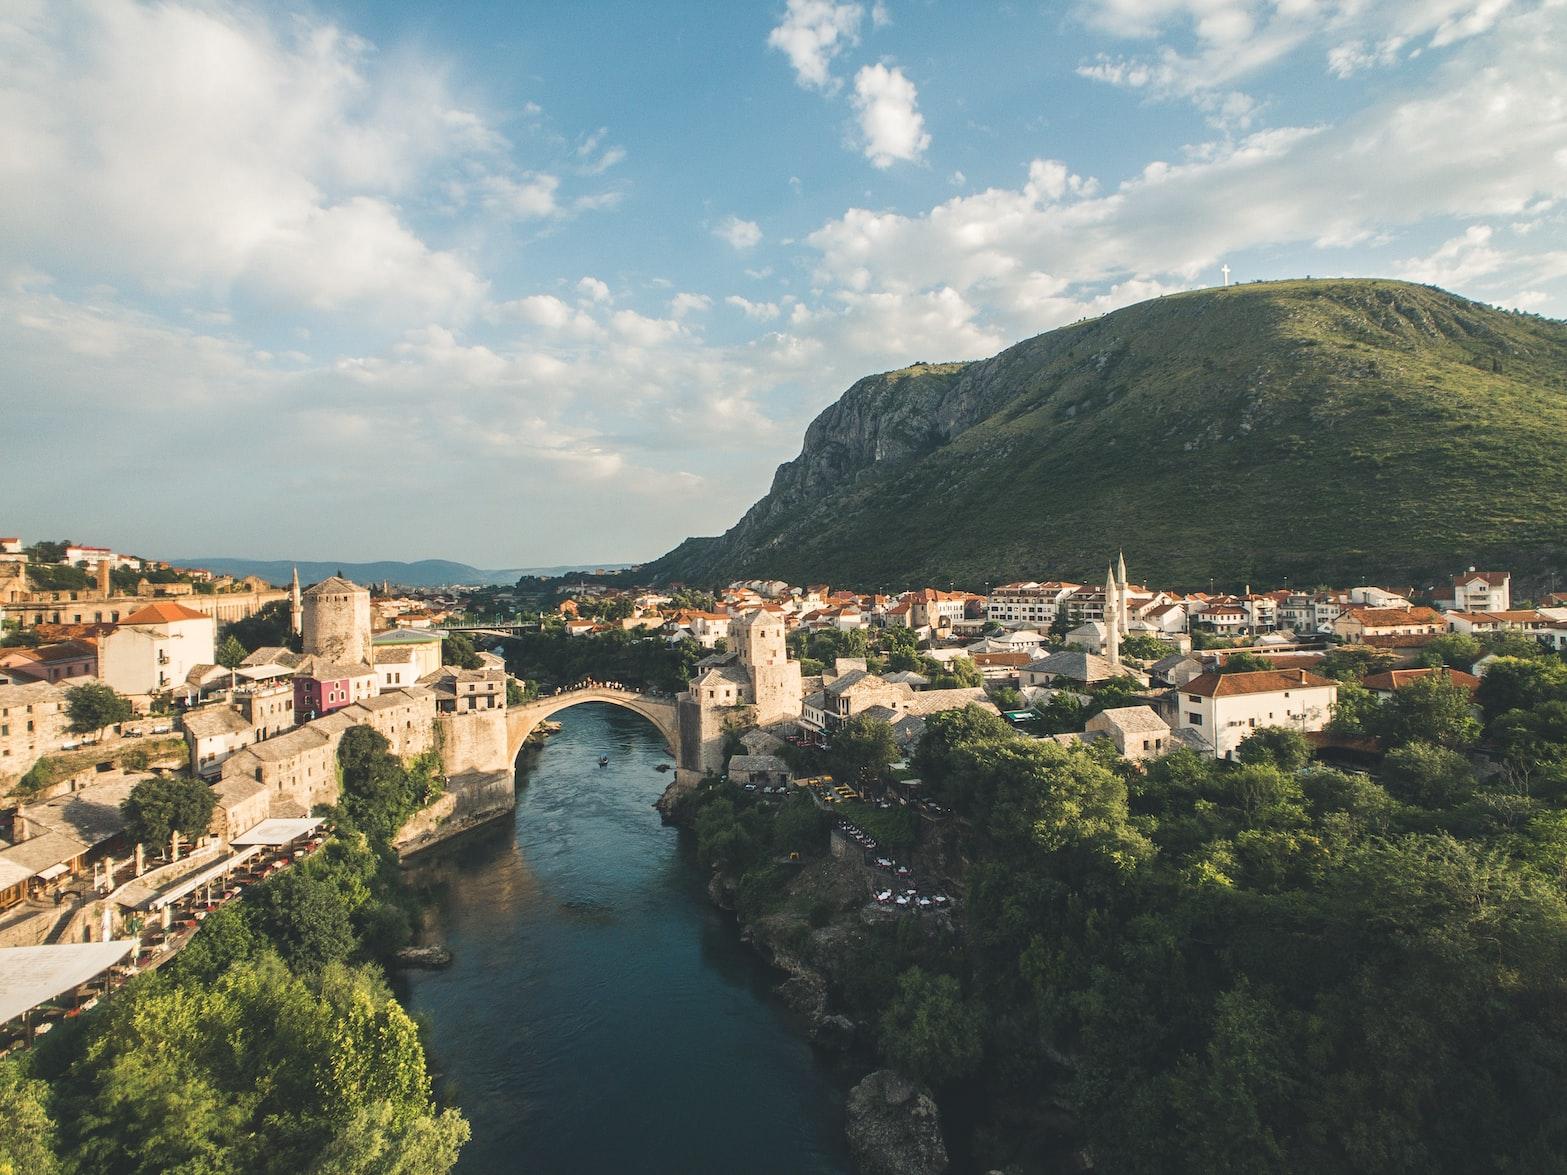 classifica siti UNESCO nel mondo Mostar Bosnia